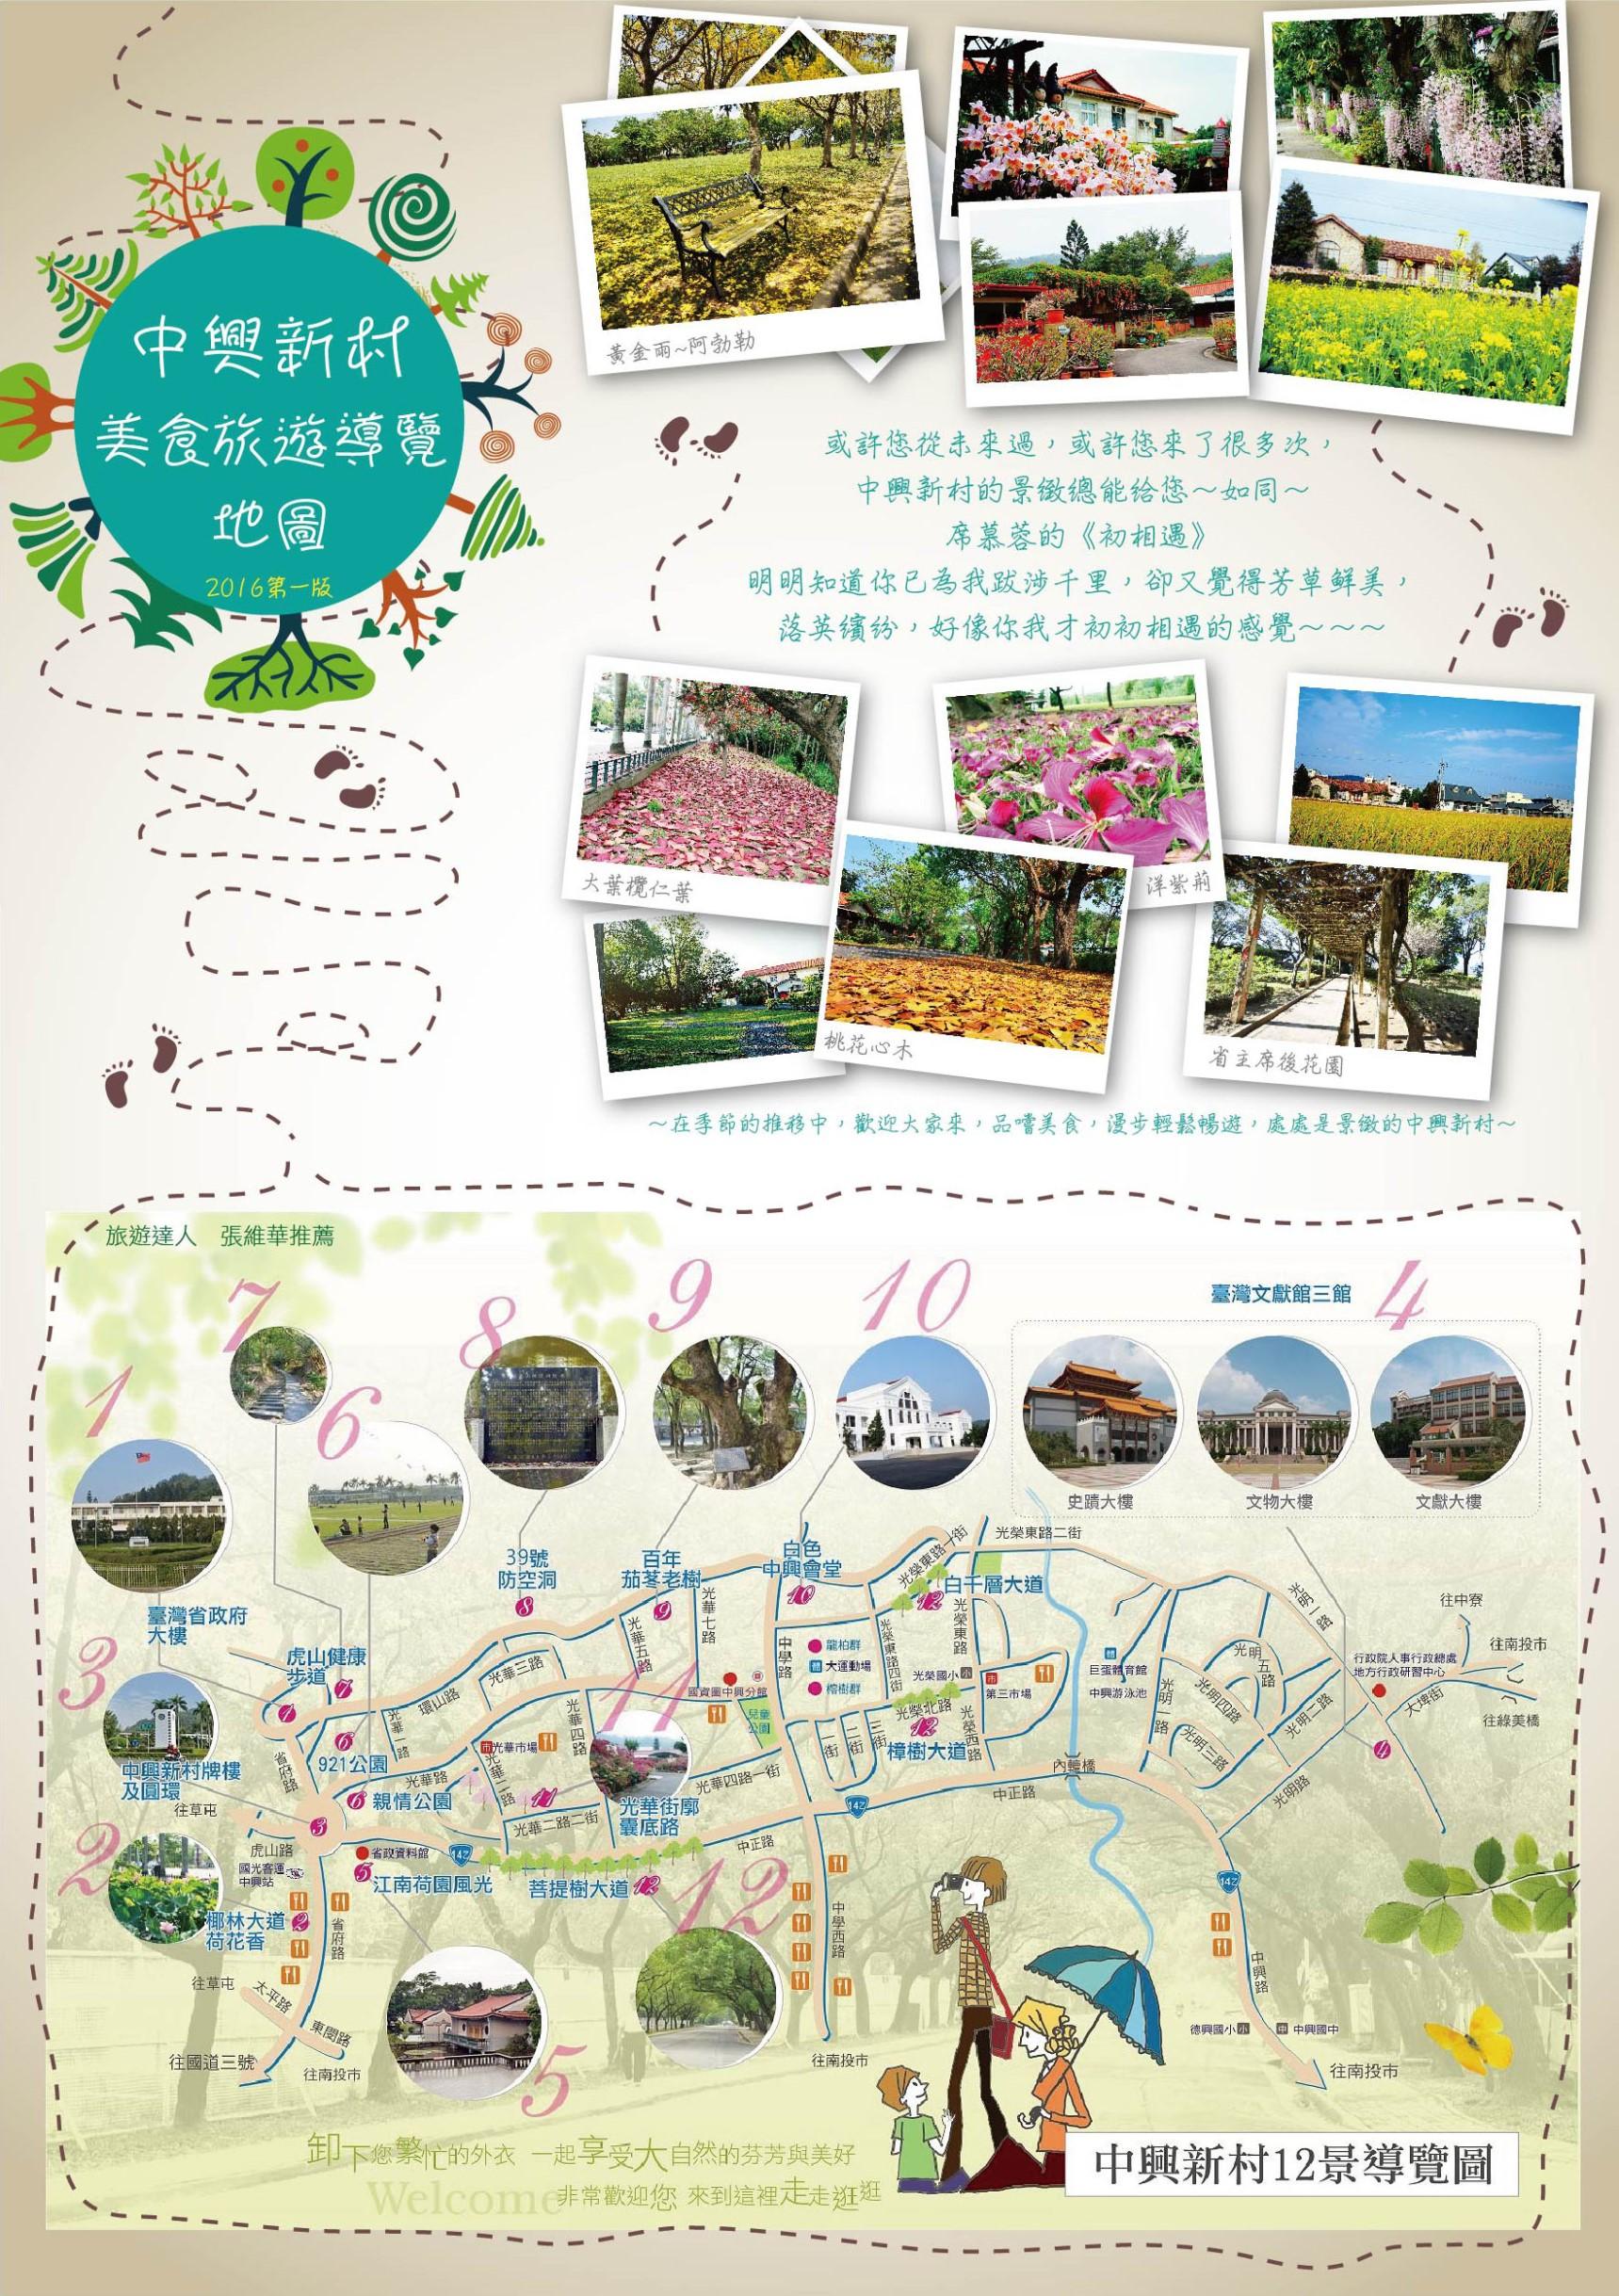 中興新村美食旅遊導覽地圖_2